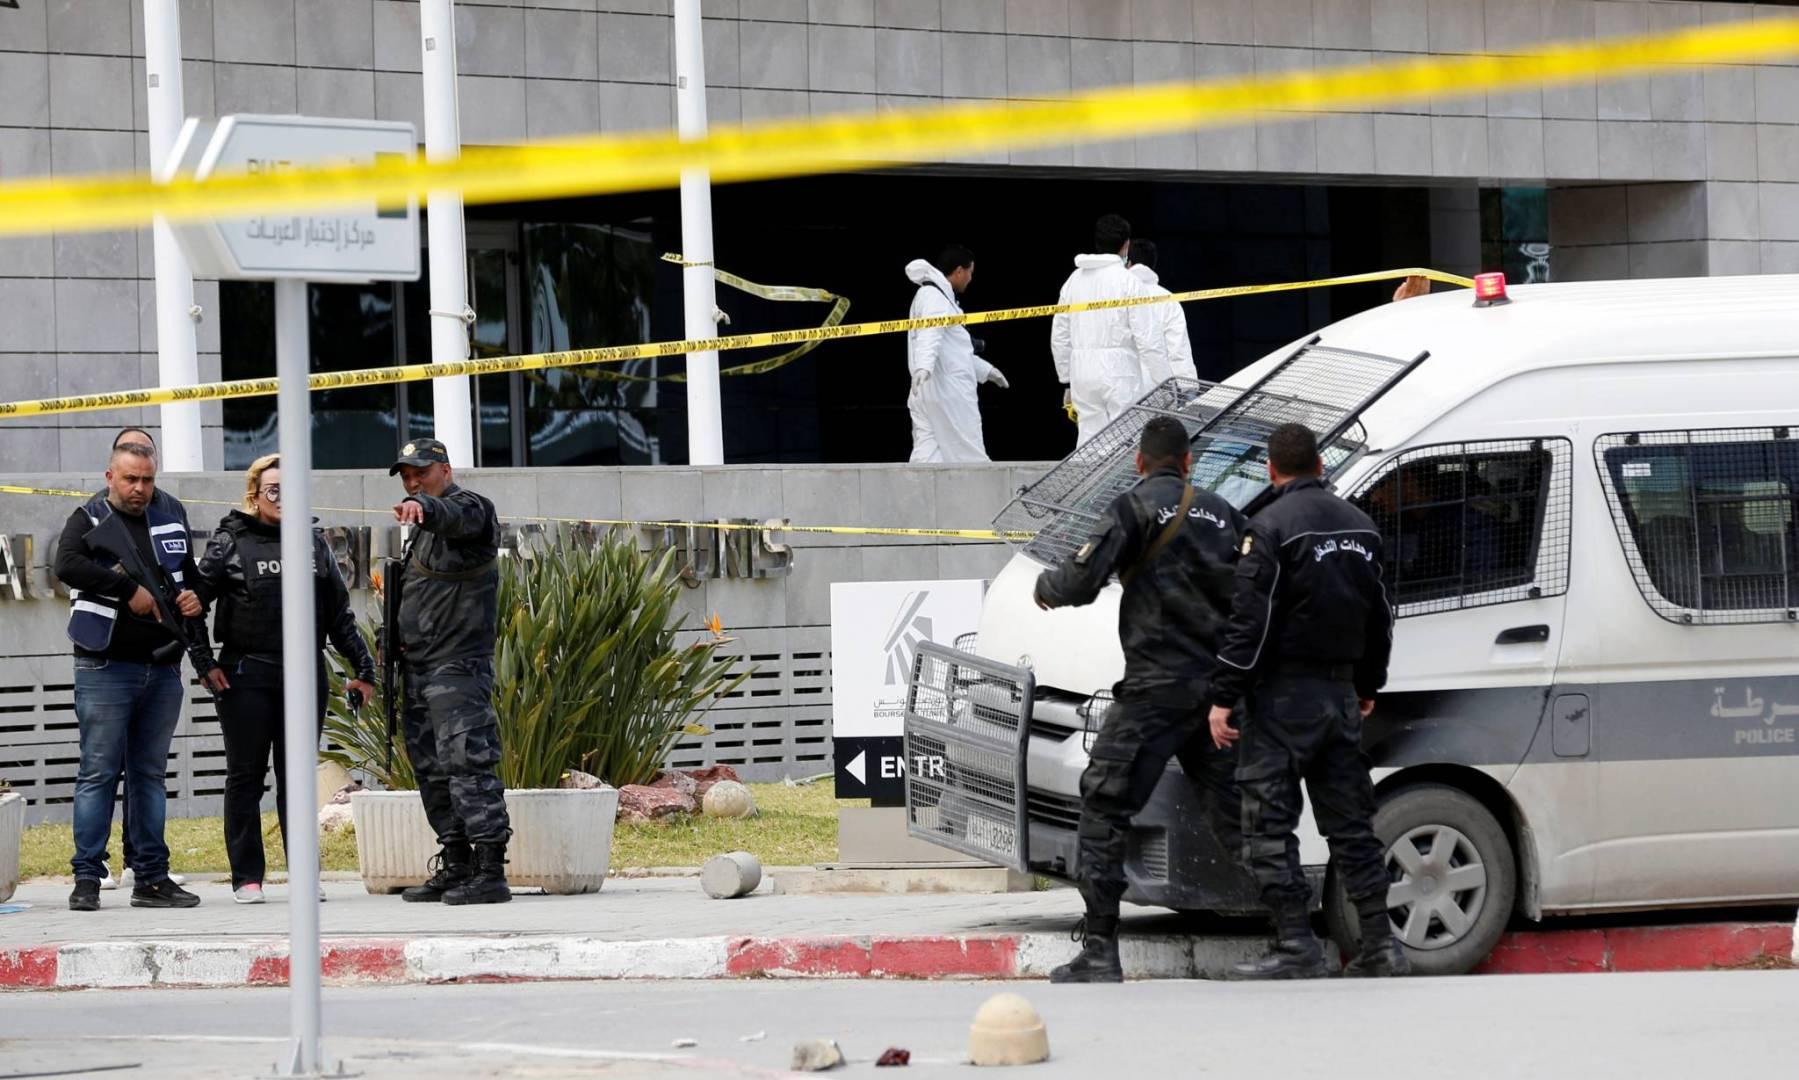 مقتل شرطي وإصابة 5 آخرين بالهجوم الانتحاري أمام السفارة الأميركية في تونس